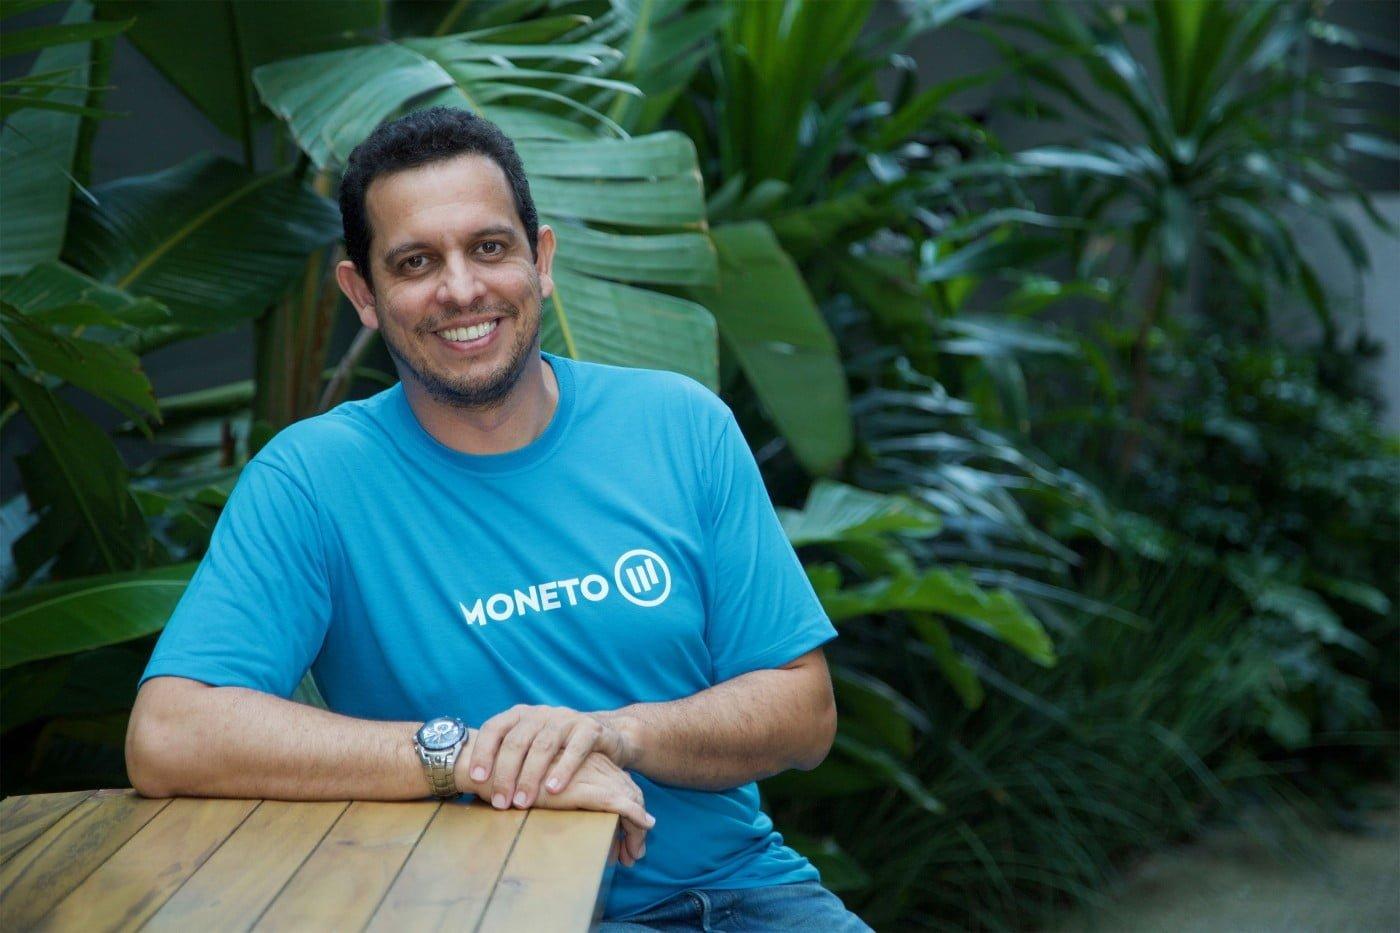 Marcos Arruda, CEO da Moneto, já teve uma startup de cobrança, mas agora foca no microempreendedor desbancarizado para se destacar.